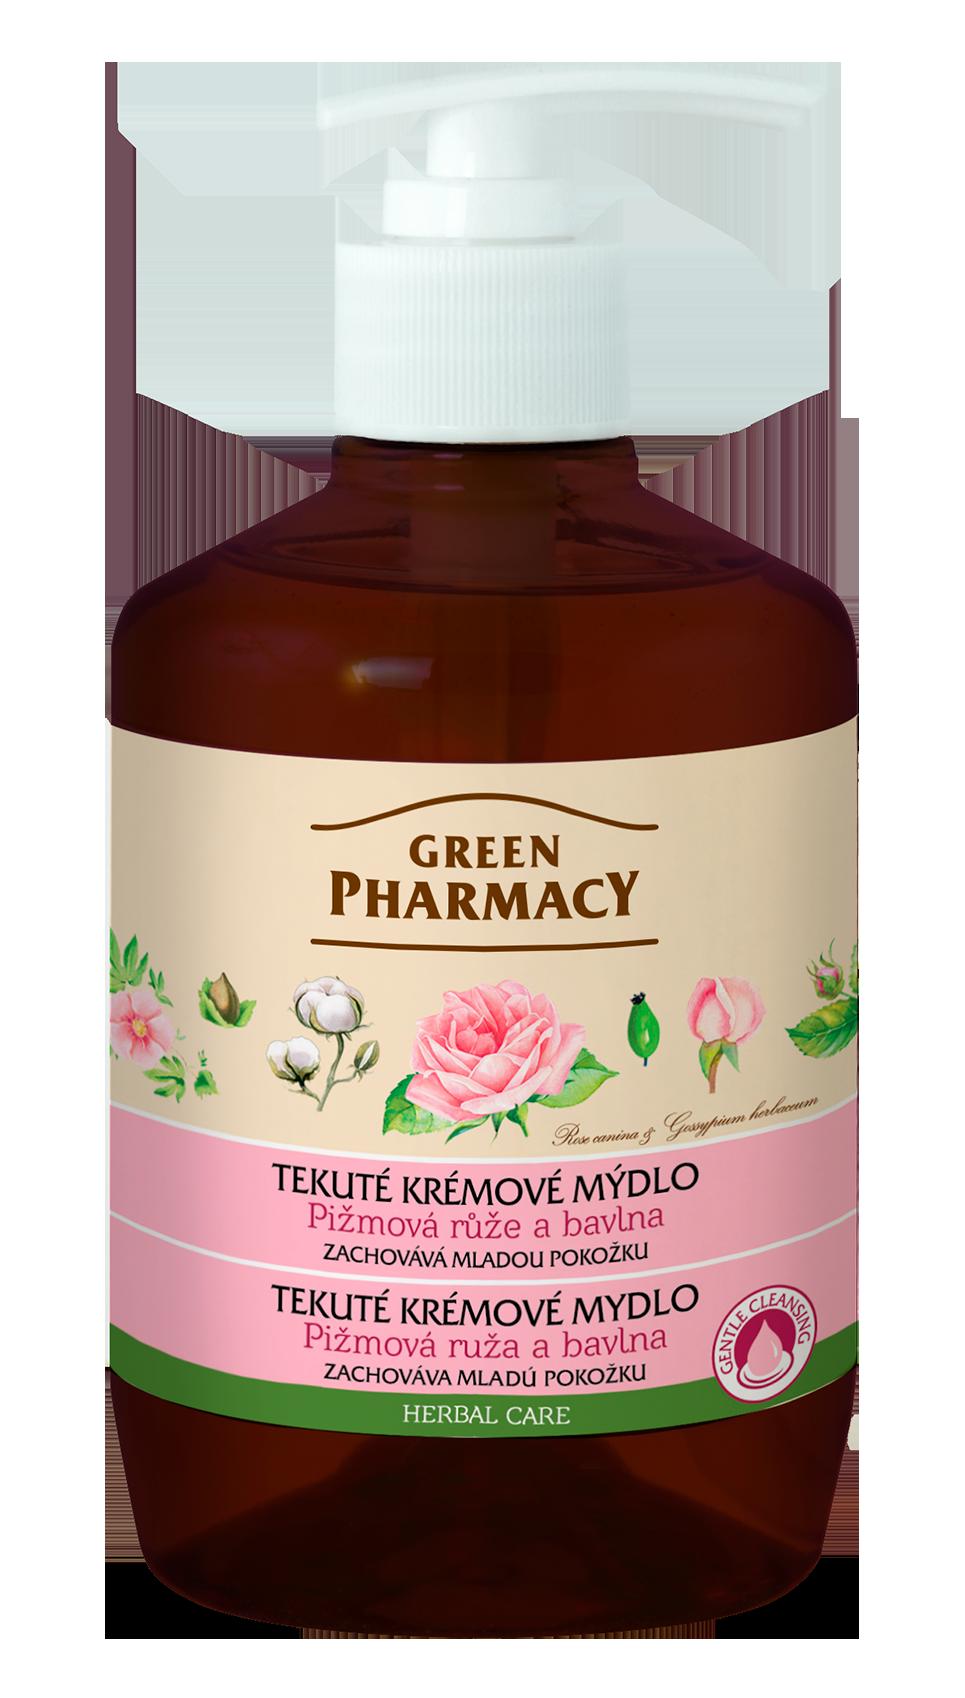 Green Pharmacy Pižmová ruža a bavlna - tekuté krémové mydlo pre zachovanie mladej pokožky, 460 ml